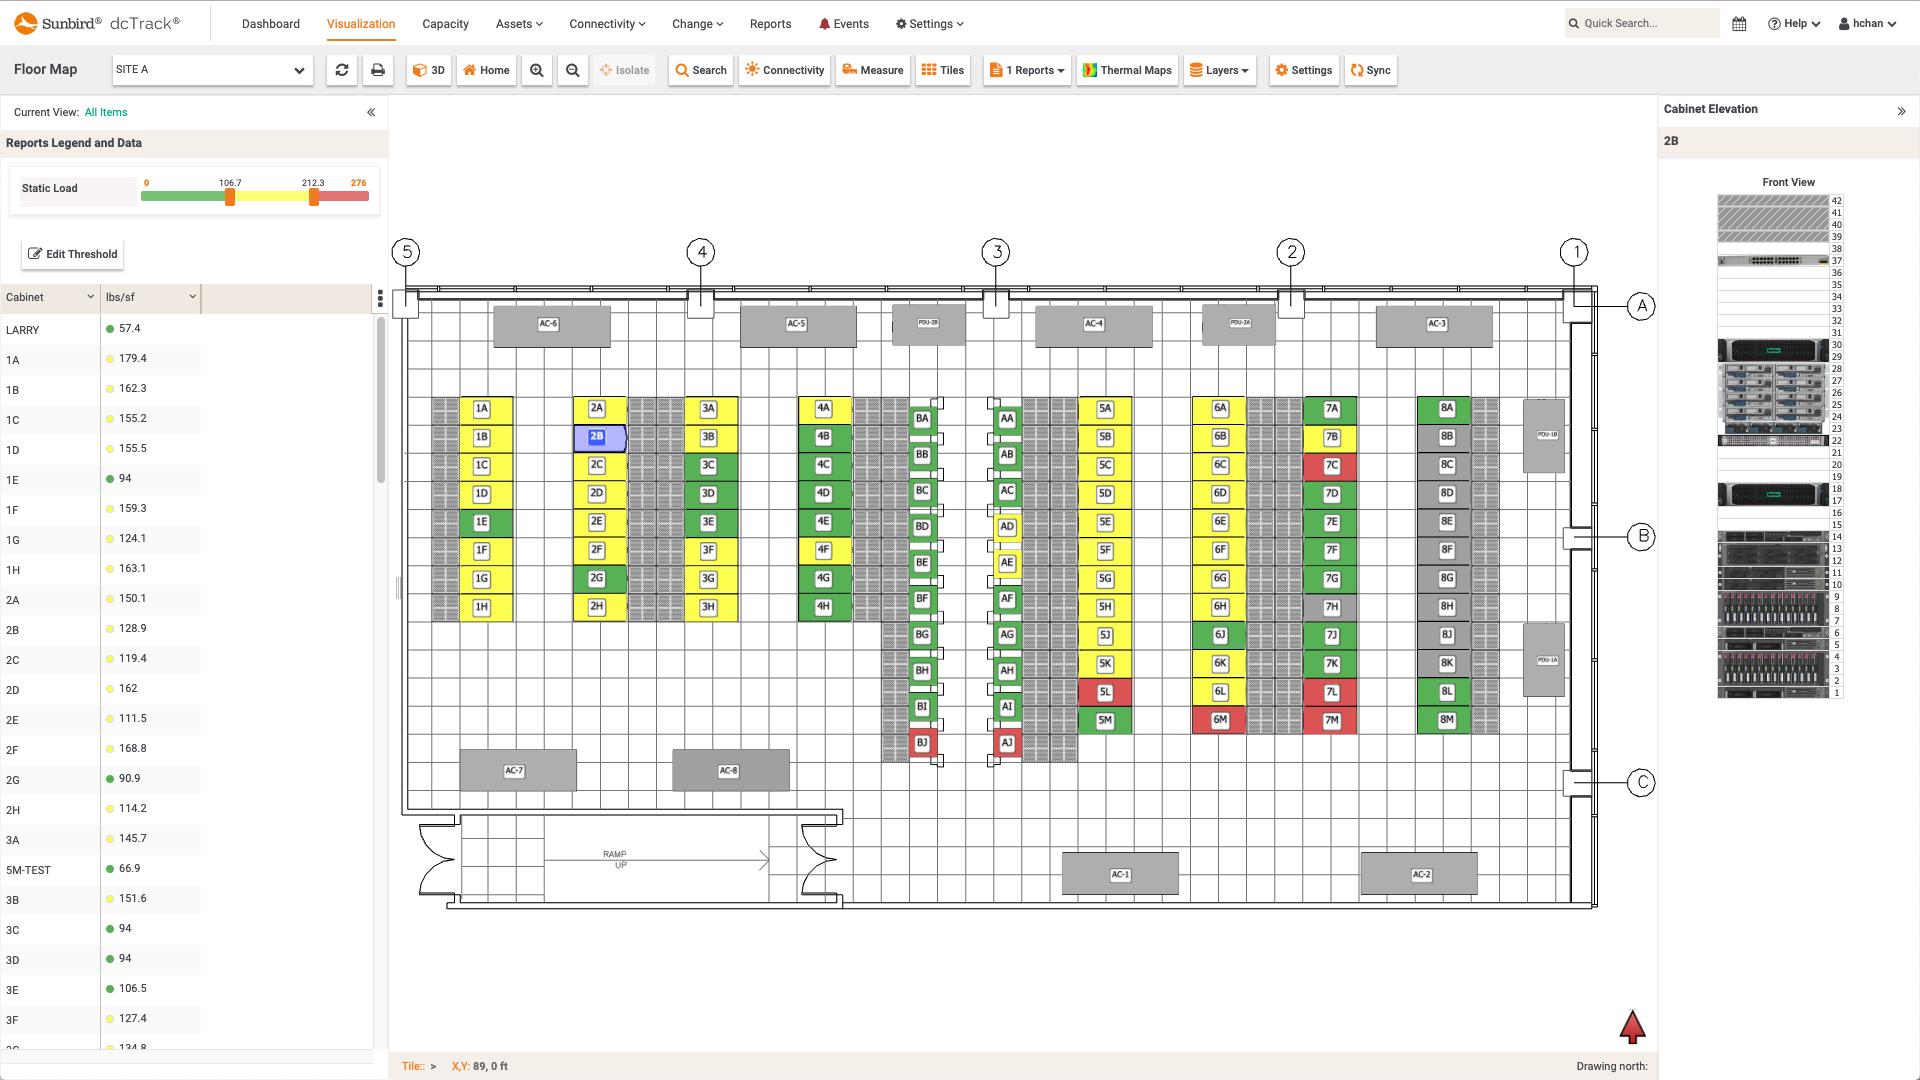 Screenshot of Static Load per Cabinet Floor Map Report